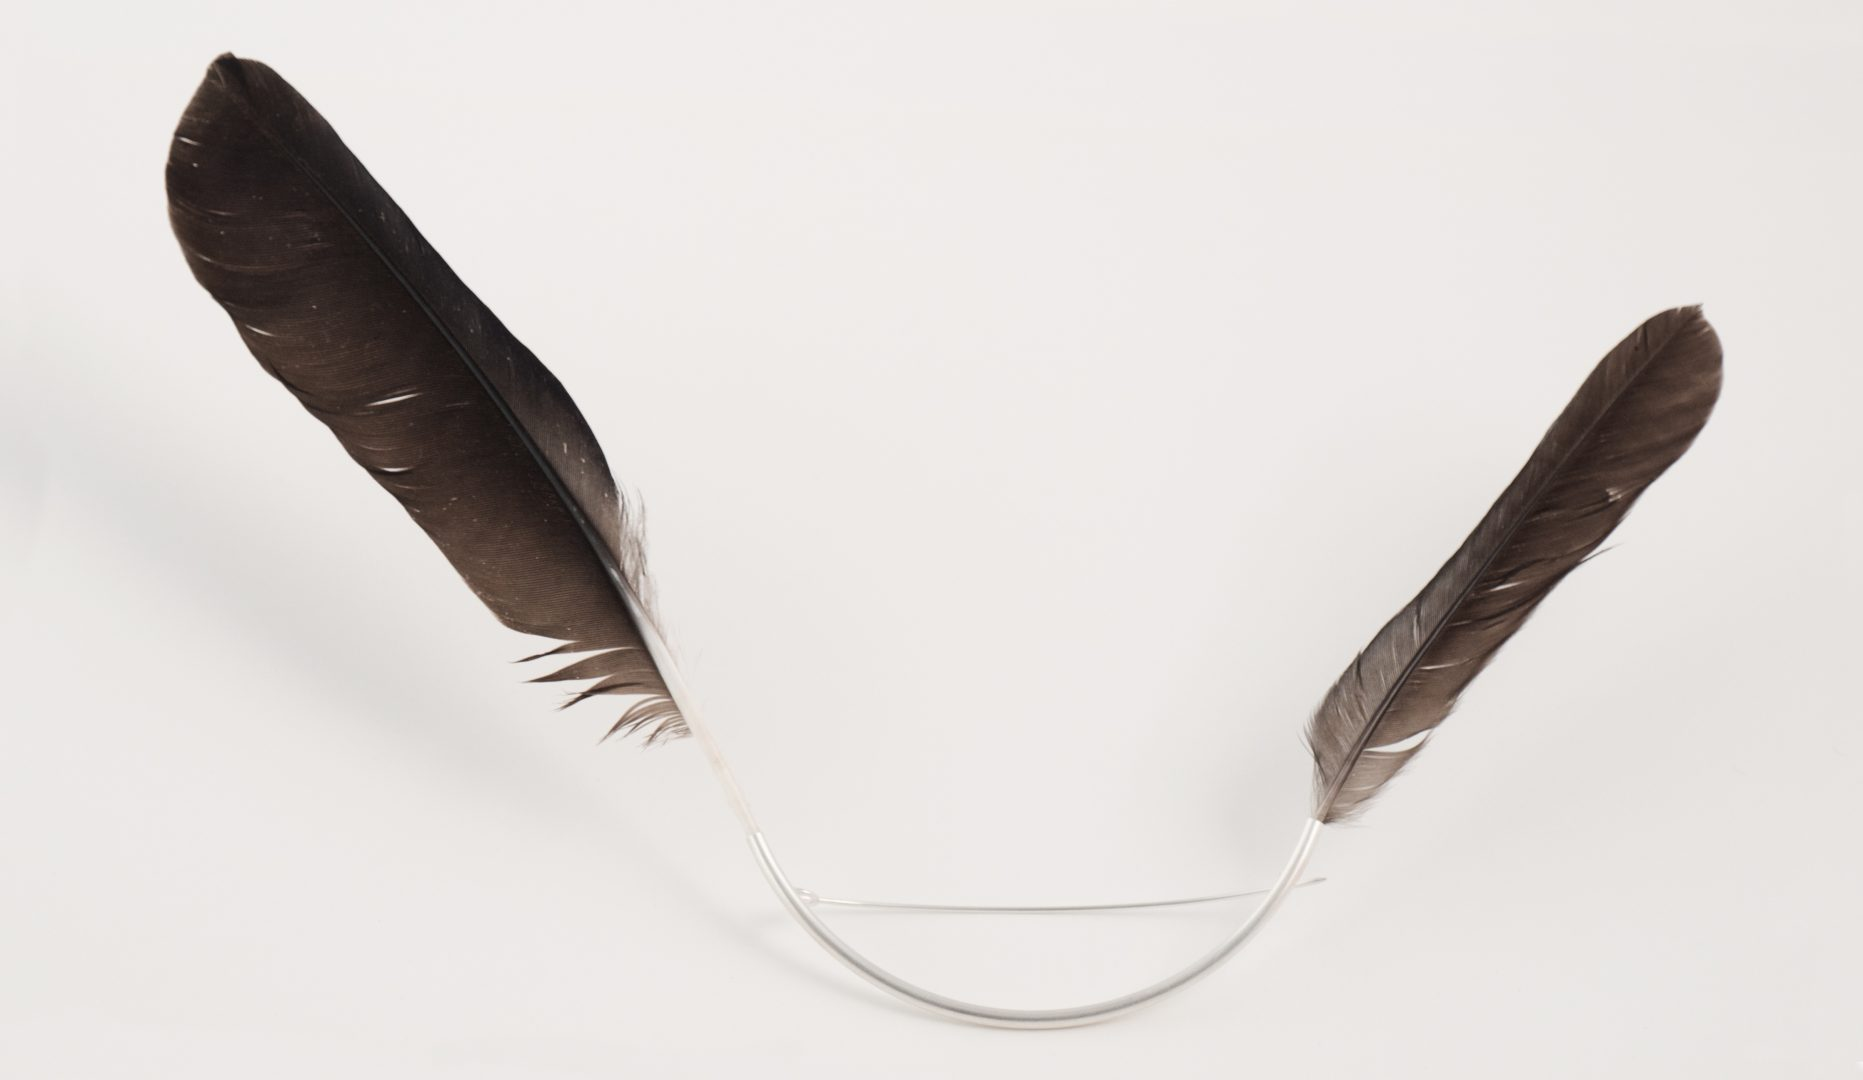 Broche 3 - Le Rire du Corbeau - Empreinte d'un oiseau en vol